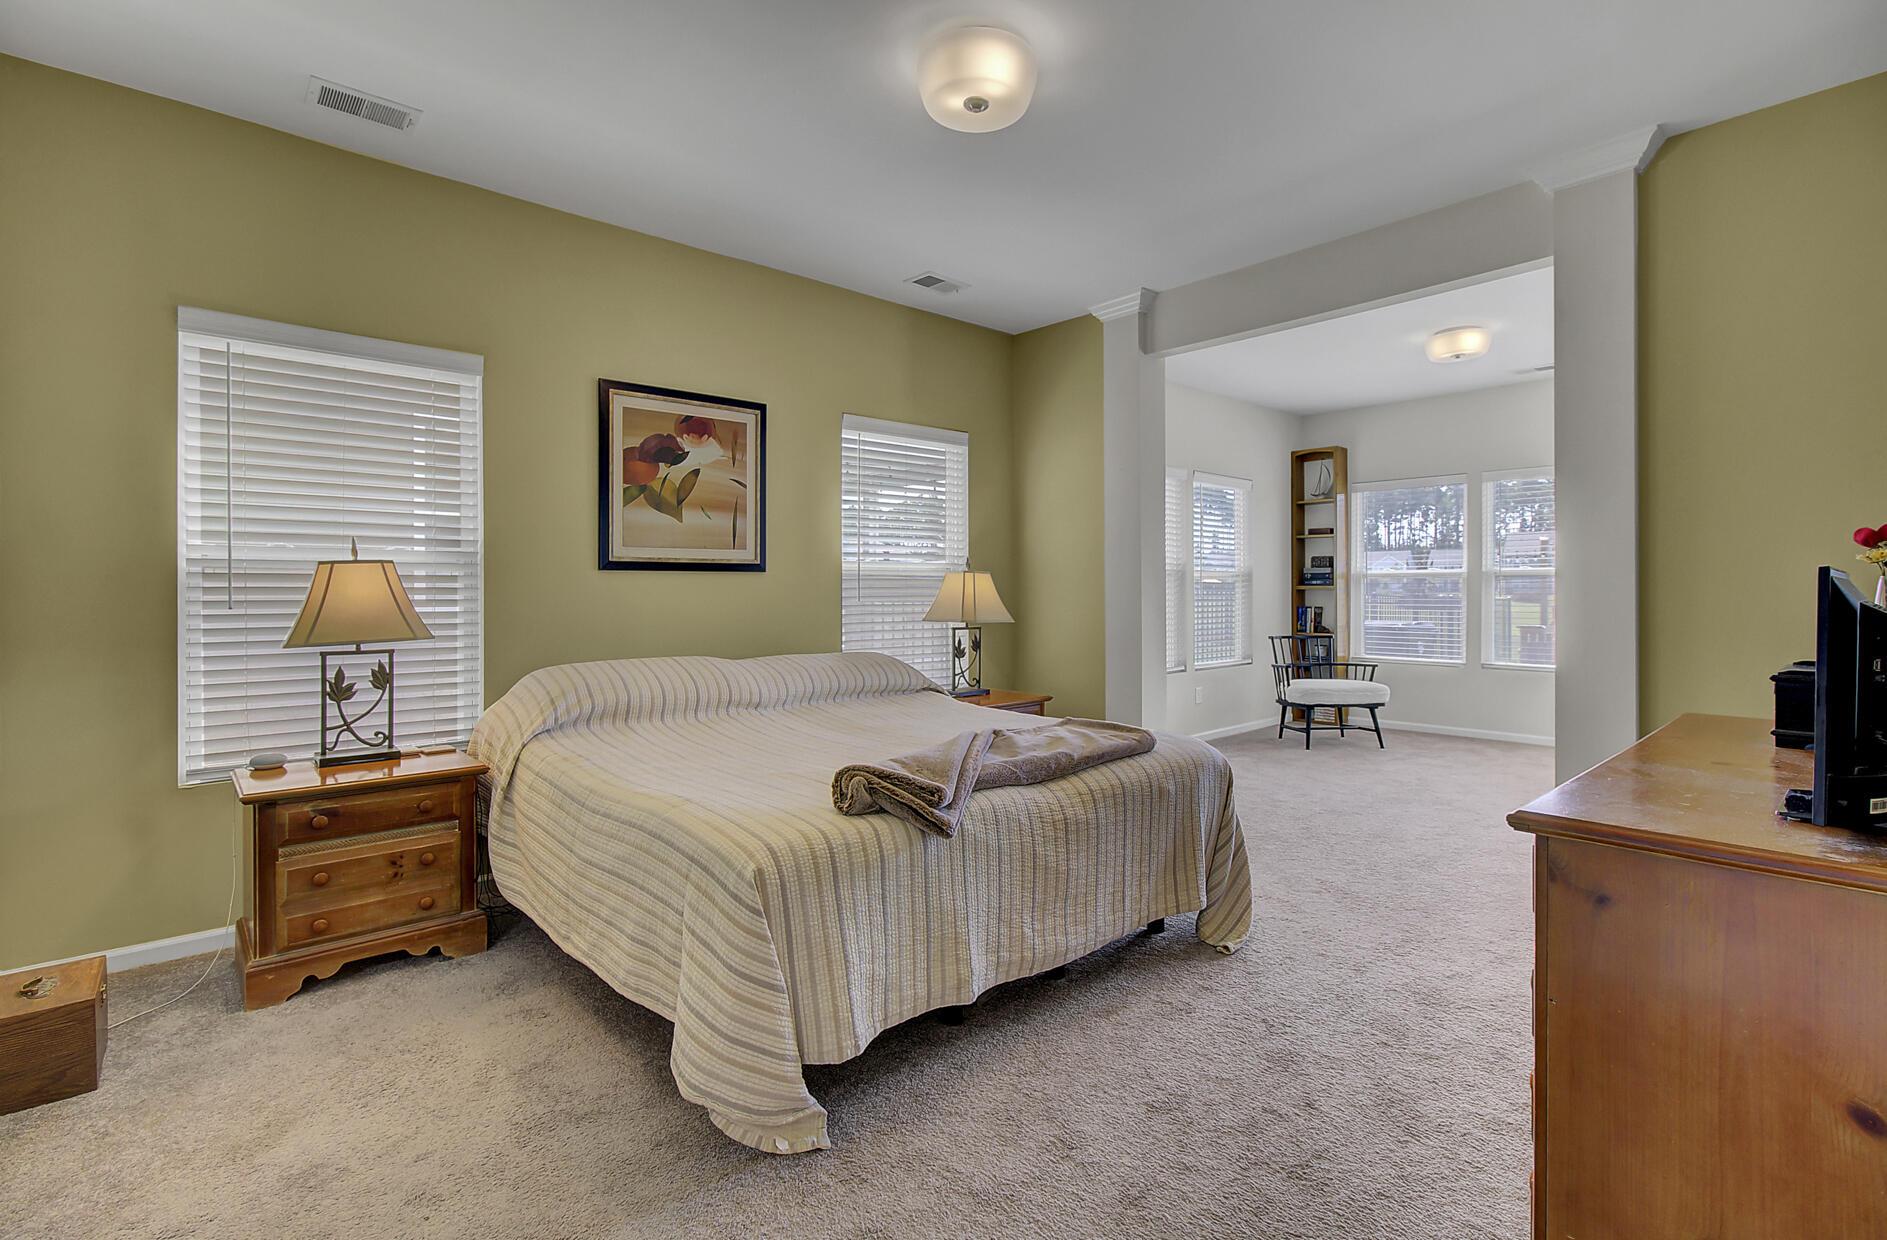 North Creek Village Homes For Sale - 384 Dunlin, Summerville, SC - 34